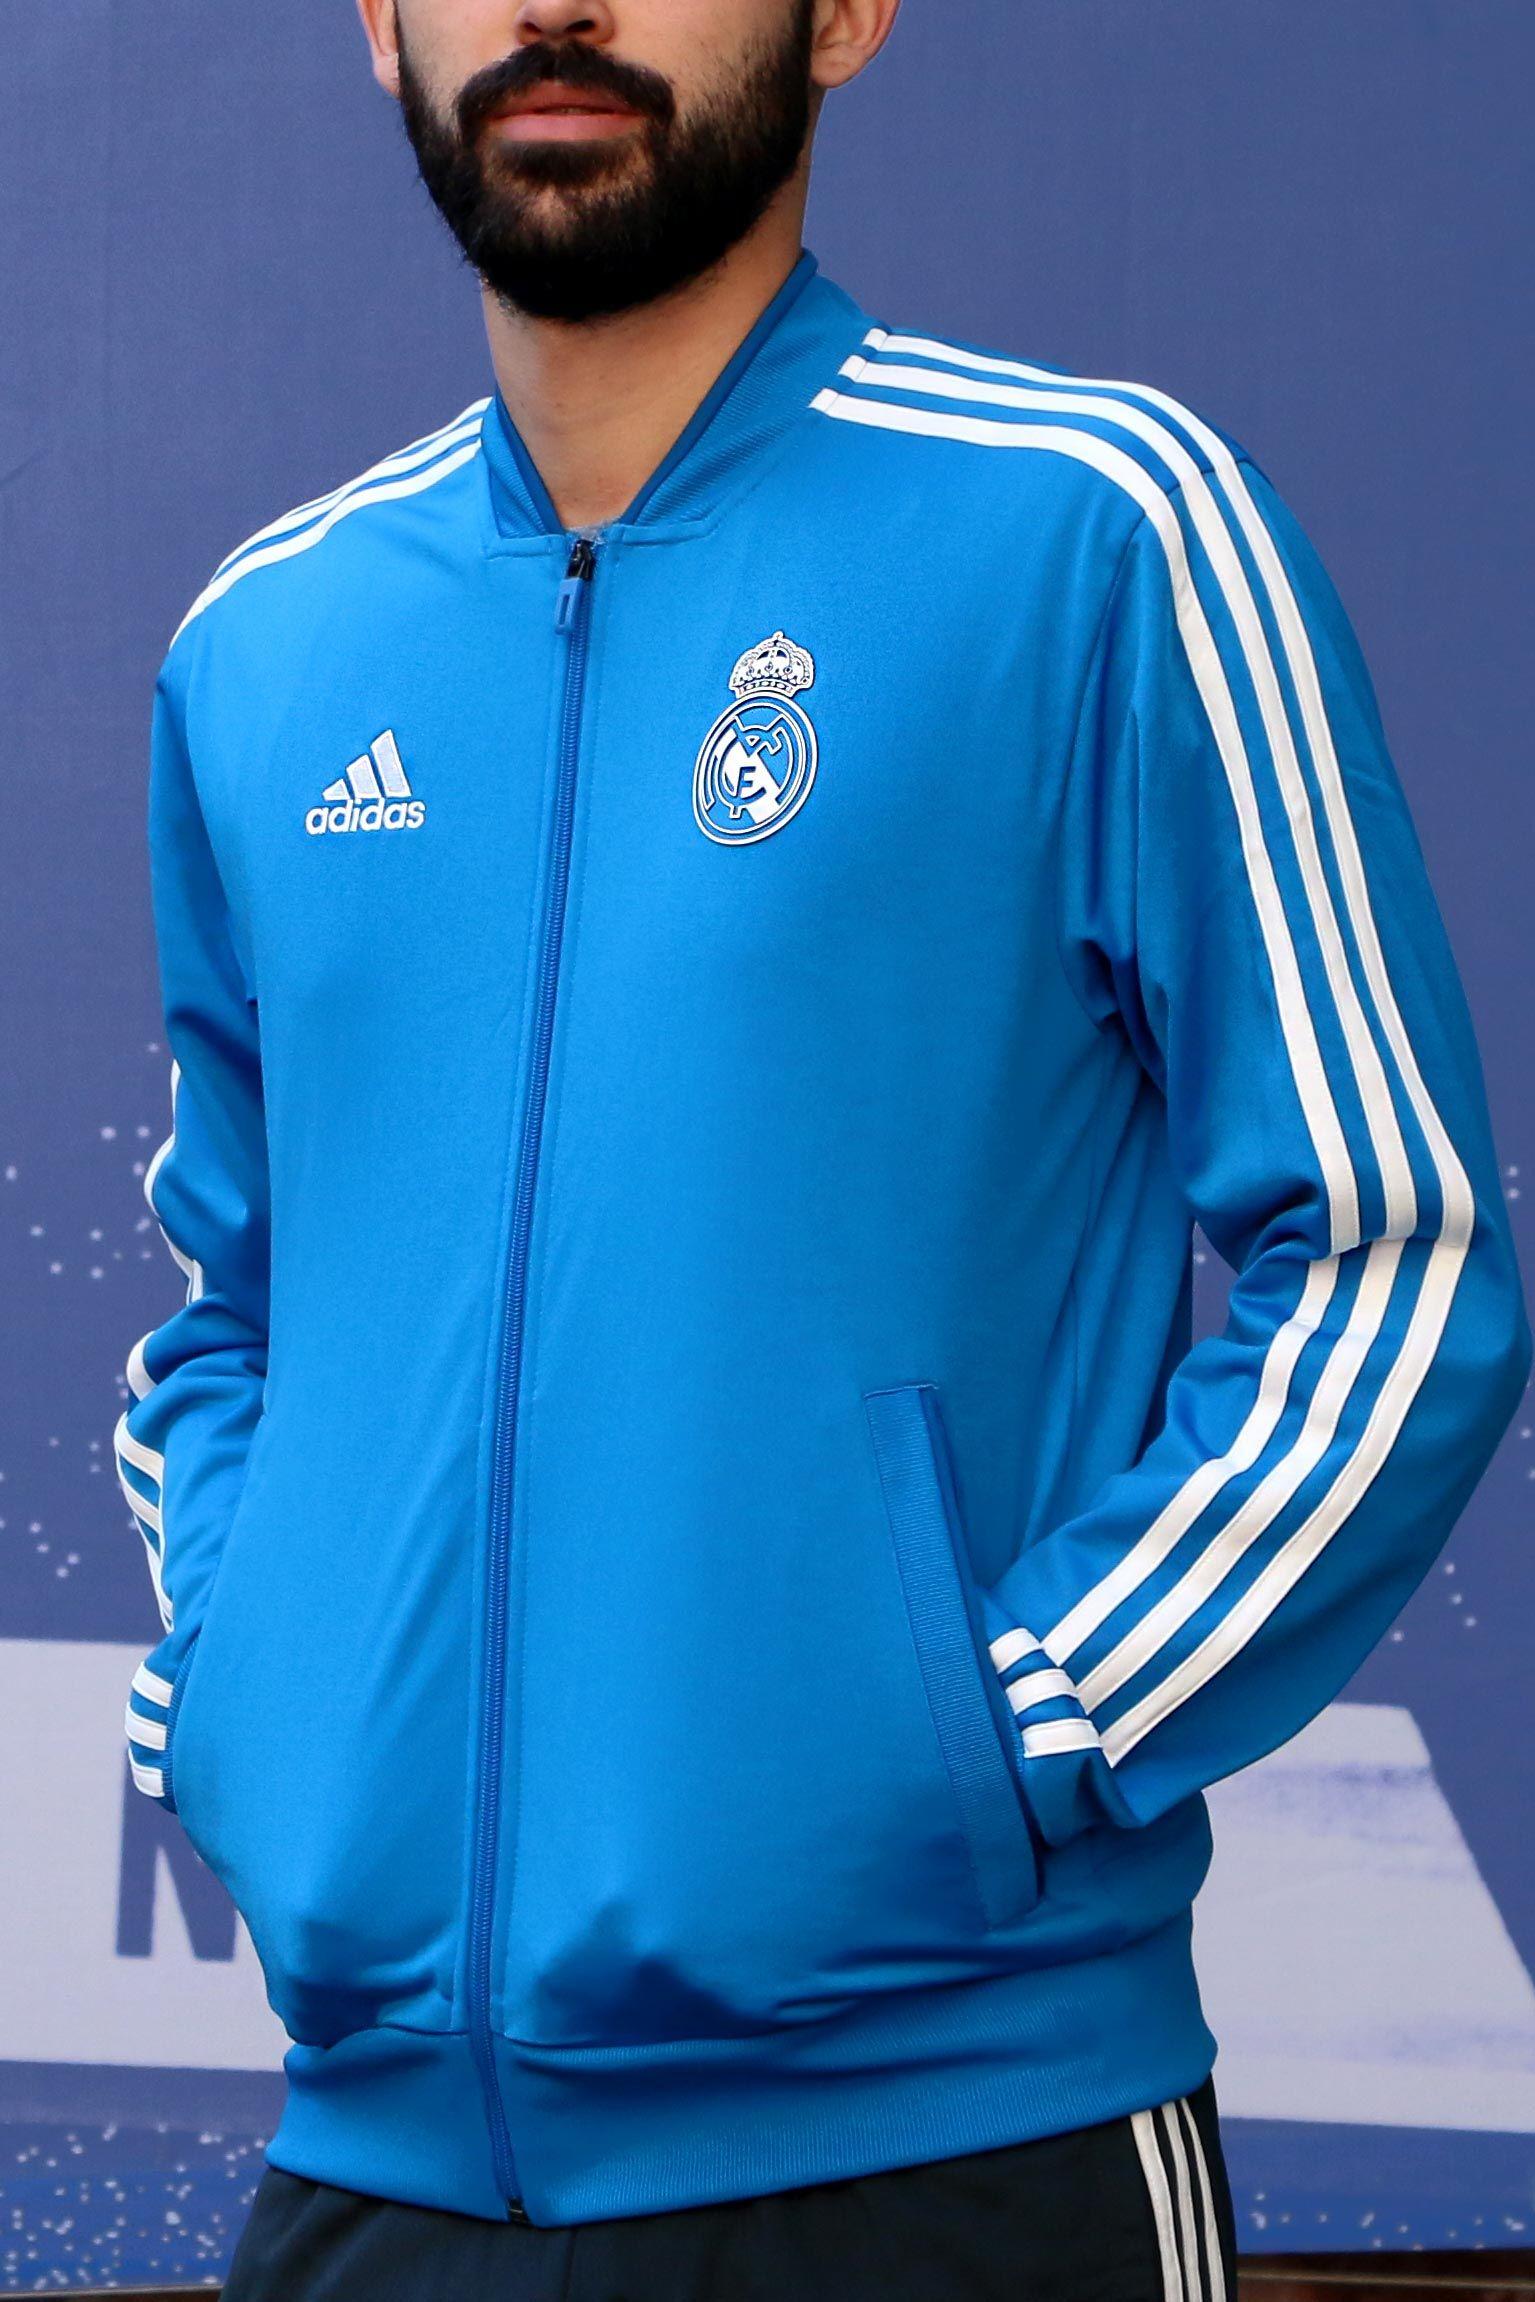 Conjunto de chándal Real Madrid 2018 2019 - azul celeste y negro  adidas   realmadrid cdb9543dc09